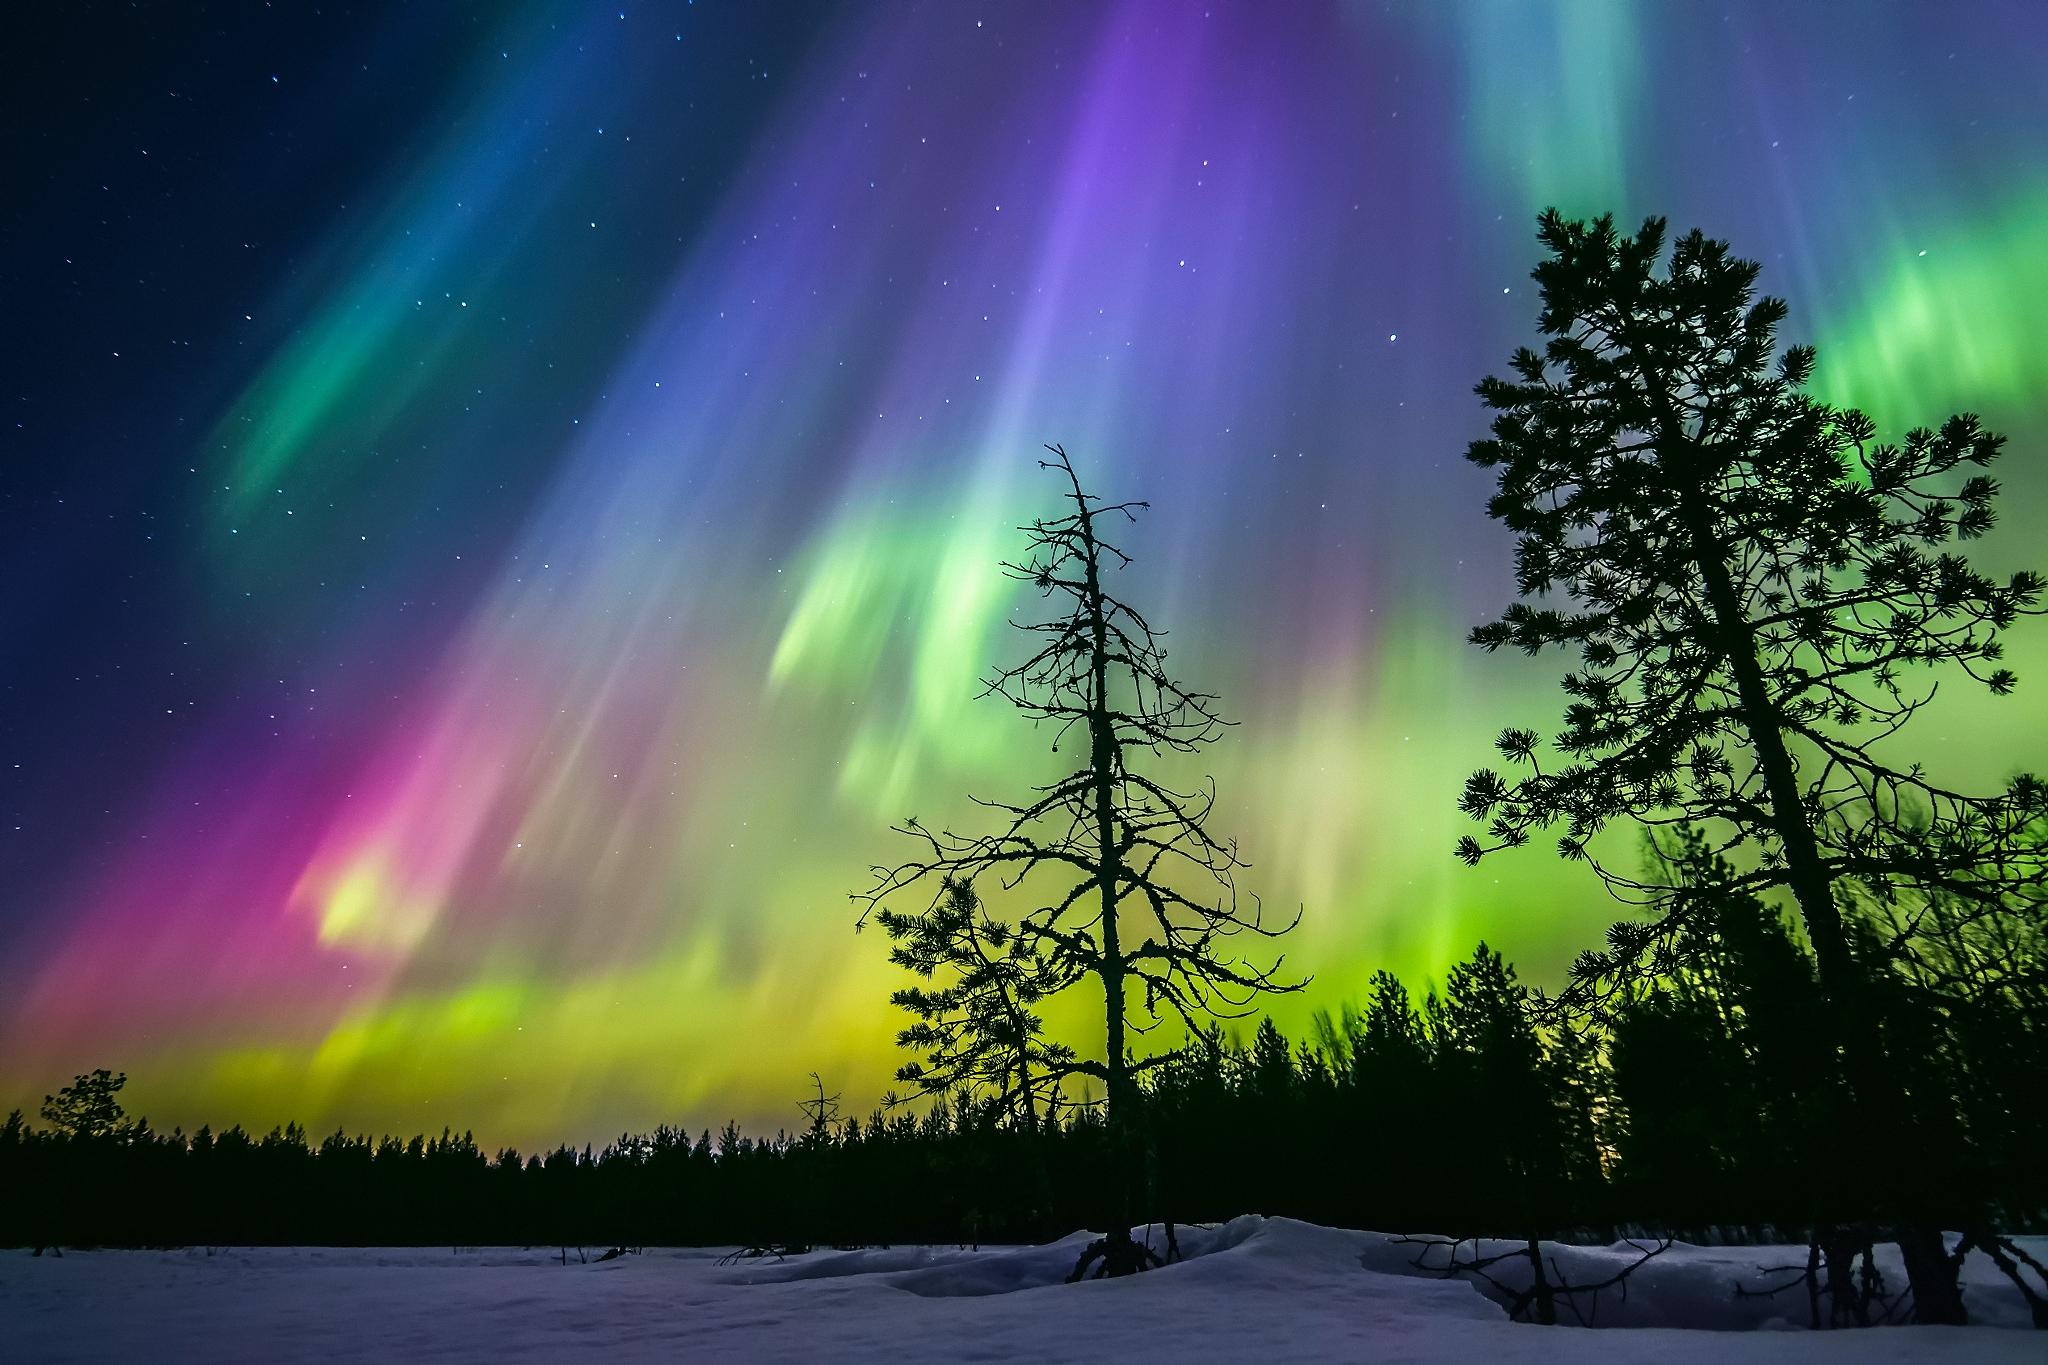 природа небо звезда снег зима деревья скачать